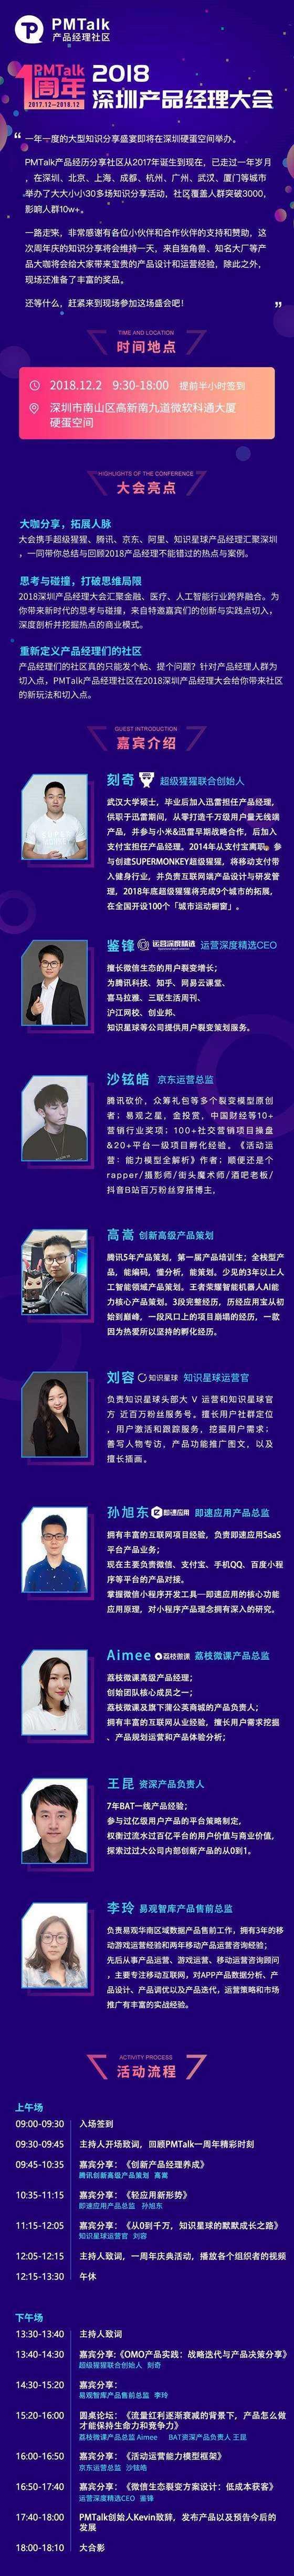 深圳-长图1.jpg